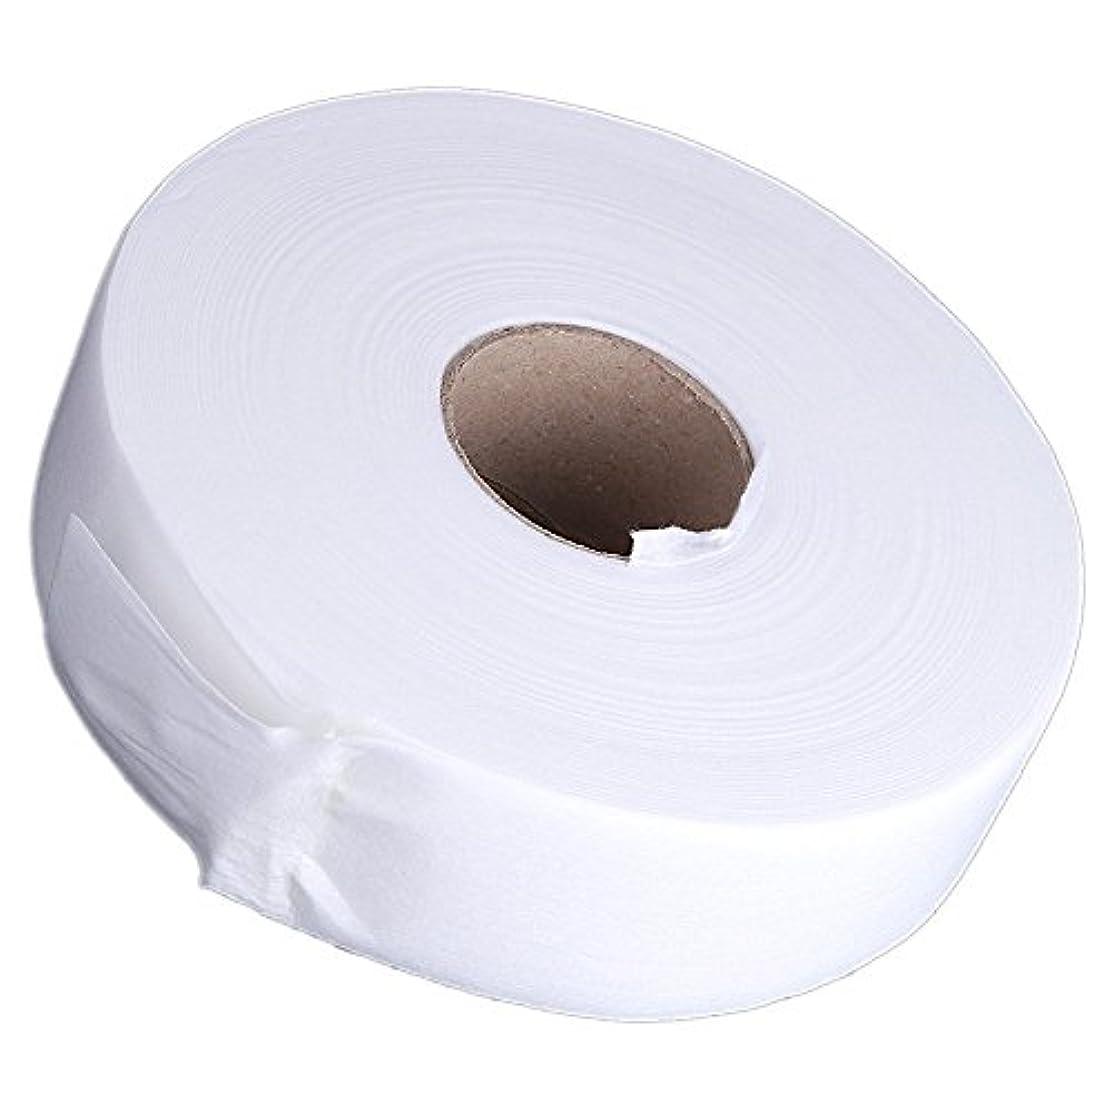 戦い行政豊富Gaoominy 100ヤードの脱毛紙脱毛ワックスストリップ 不織布ペーパーワックスロール(白)